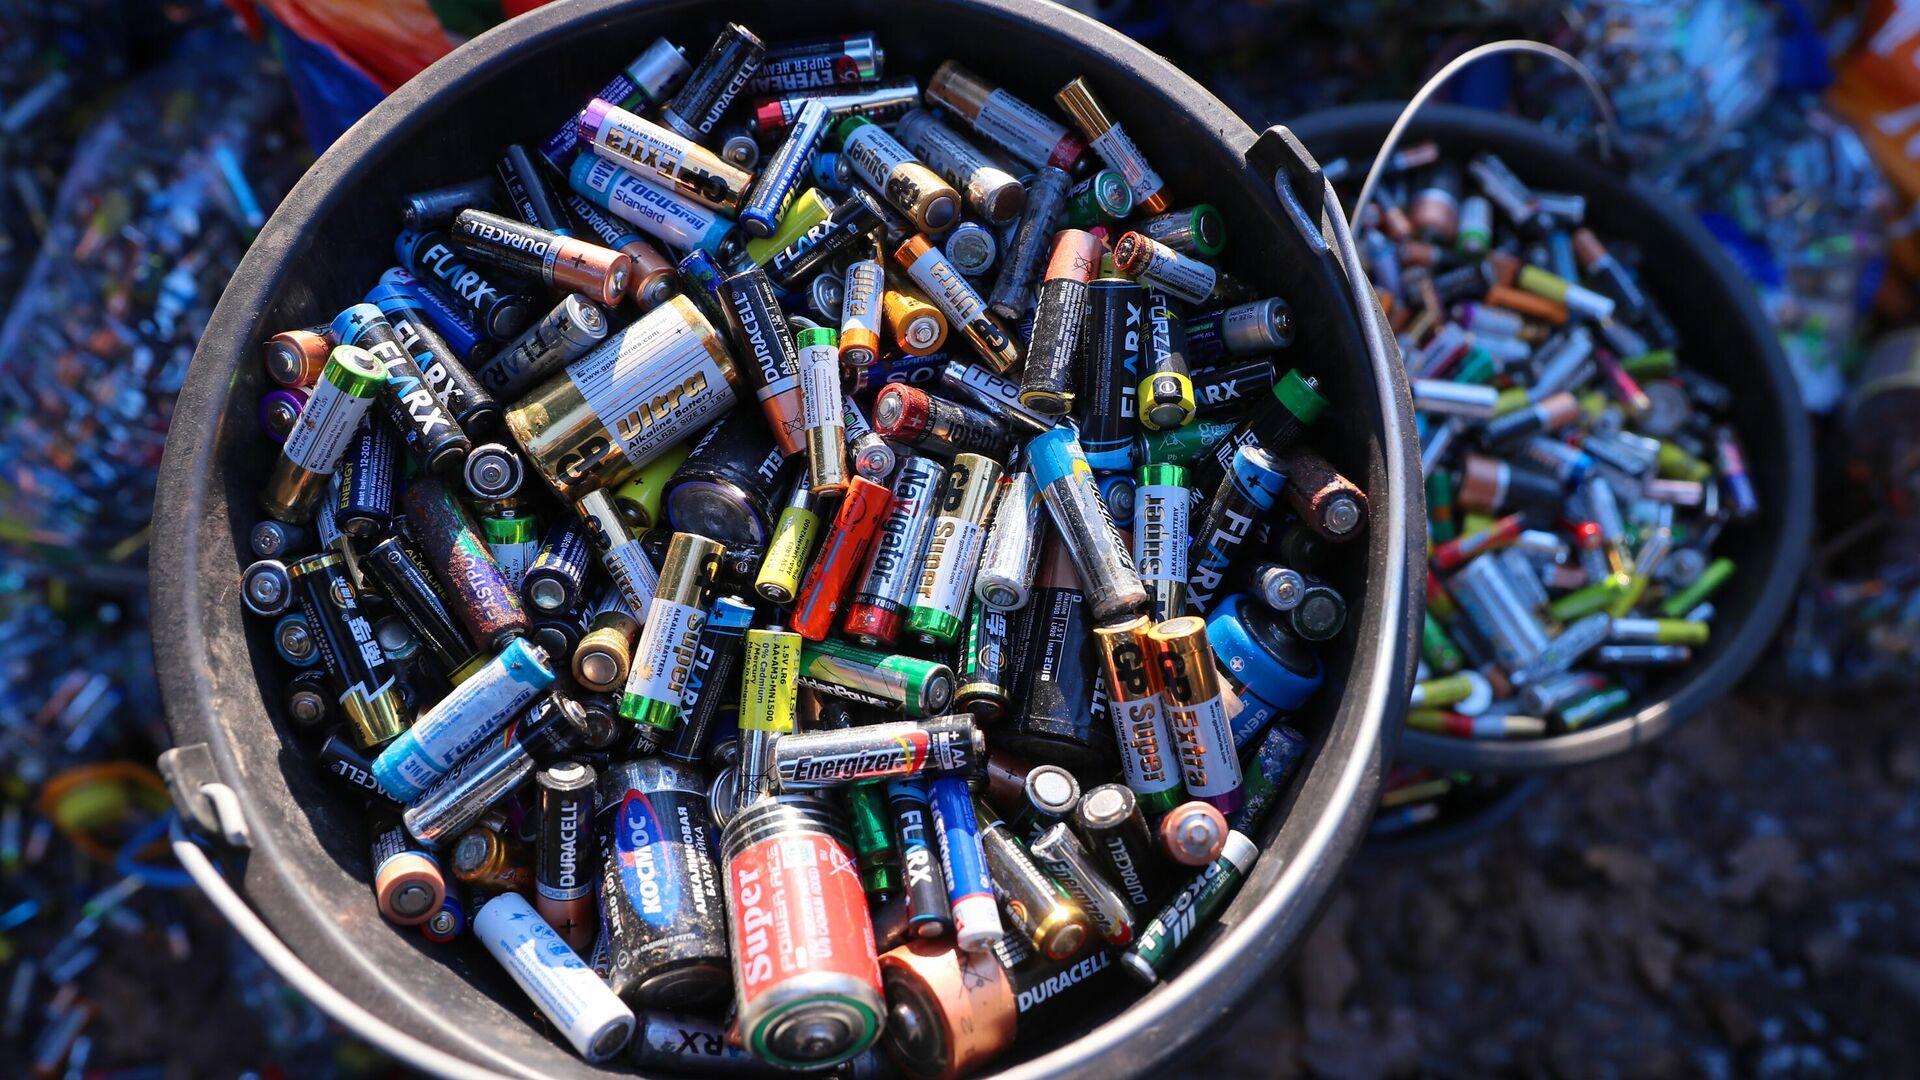 Отработанные батарейки, собранные для отправки на переработку - РИА Новости, 1920, 11.02.2021